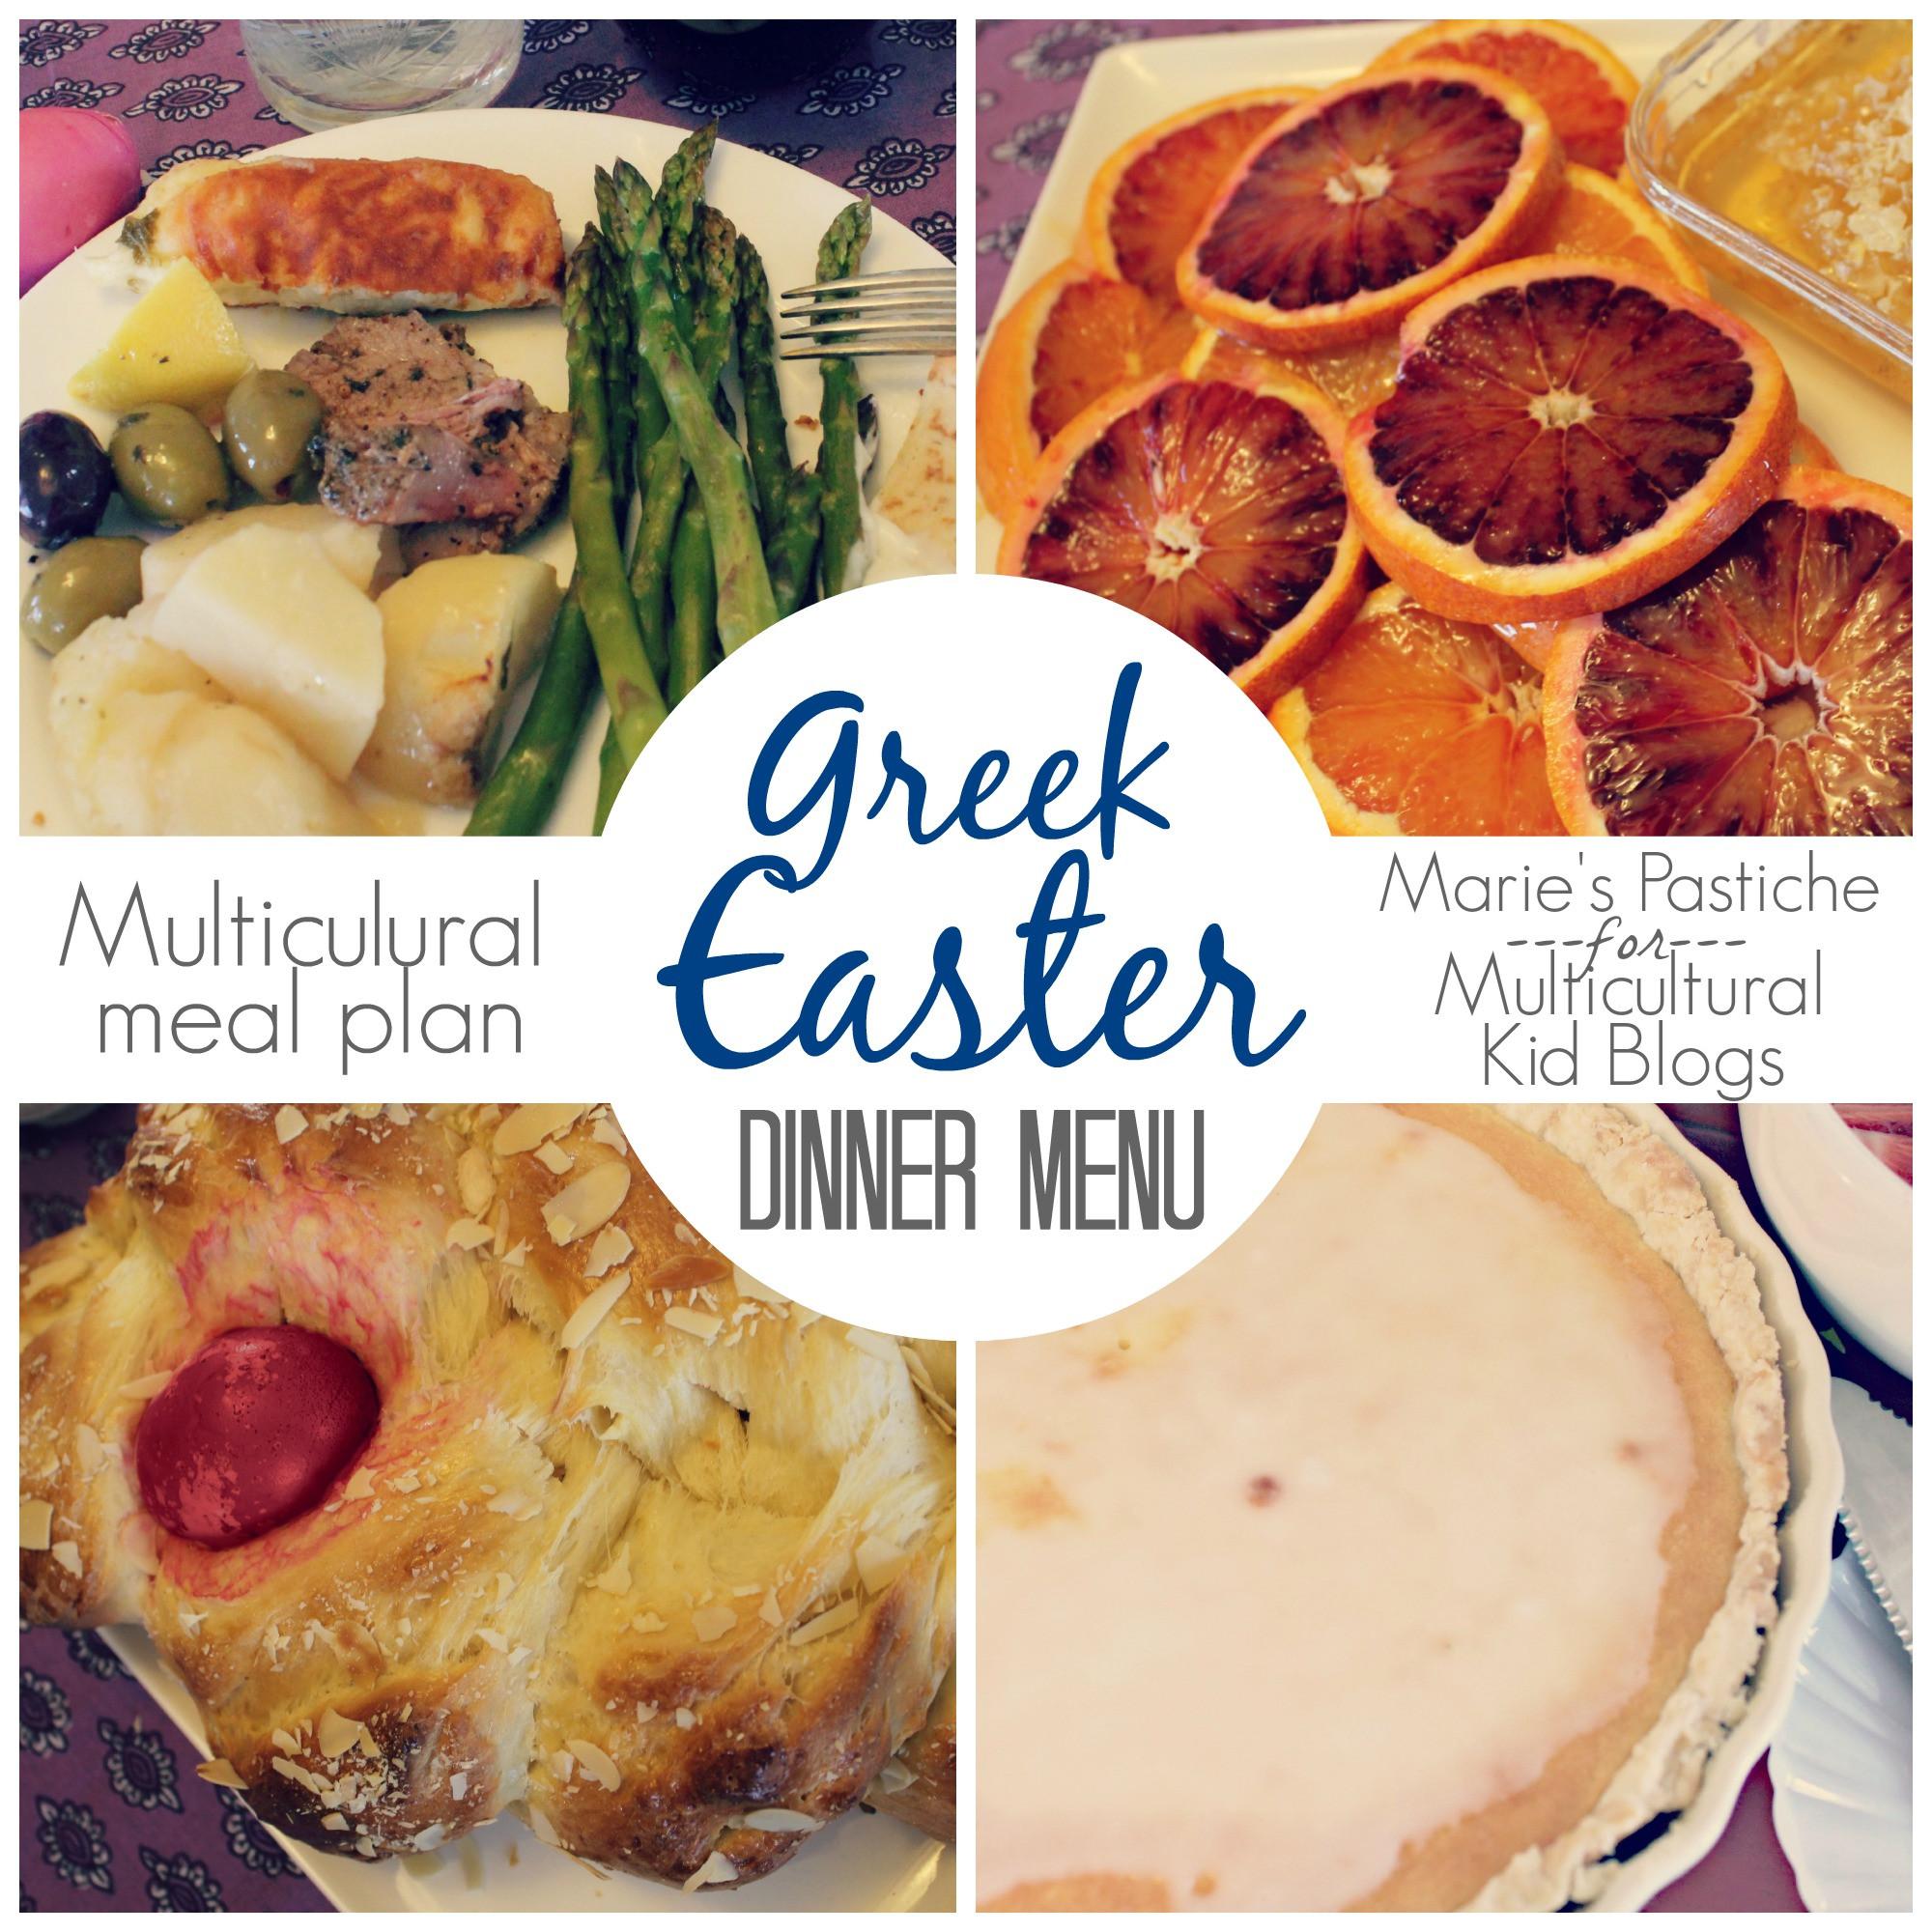 Easter Dinners Menu  Multicultural Meal Plan Greek Easter Menu Marie s